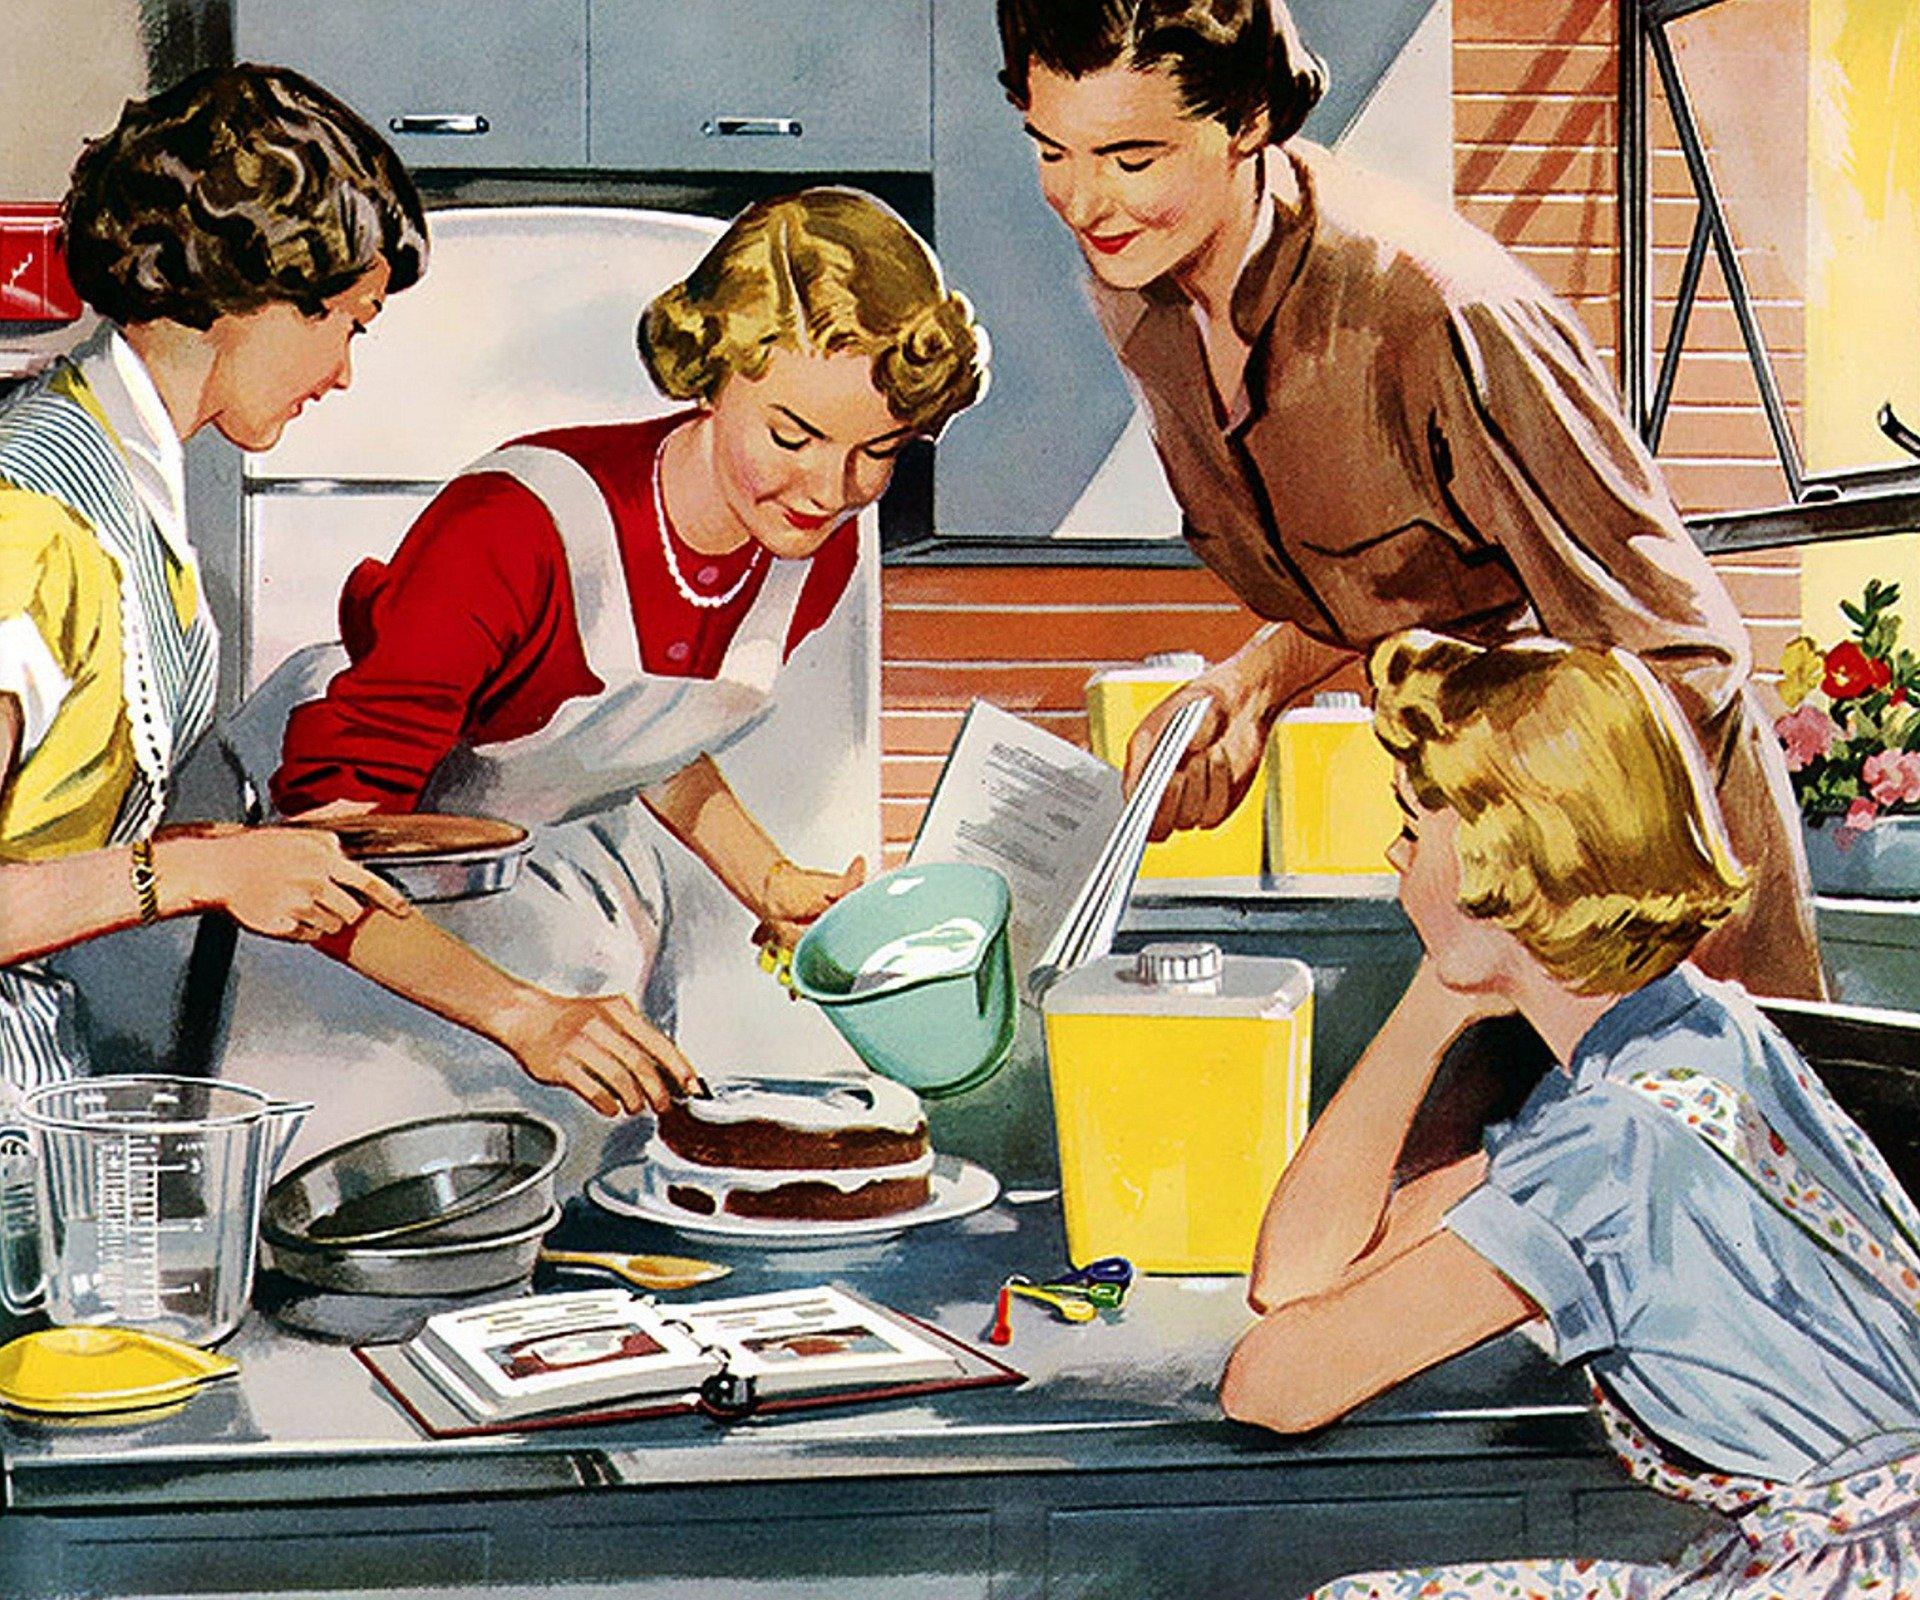 Amas de casa decoran pastel. Fuente: Pixabay